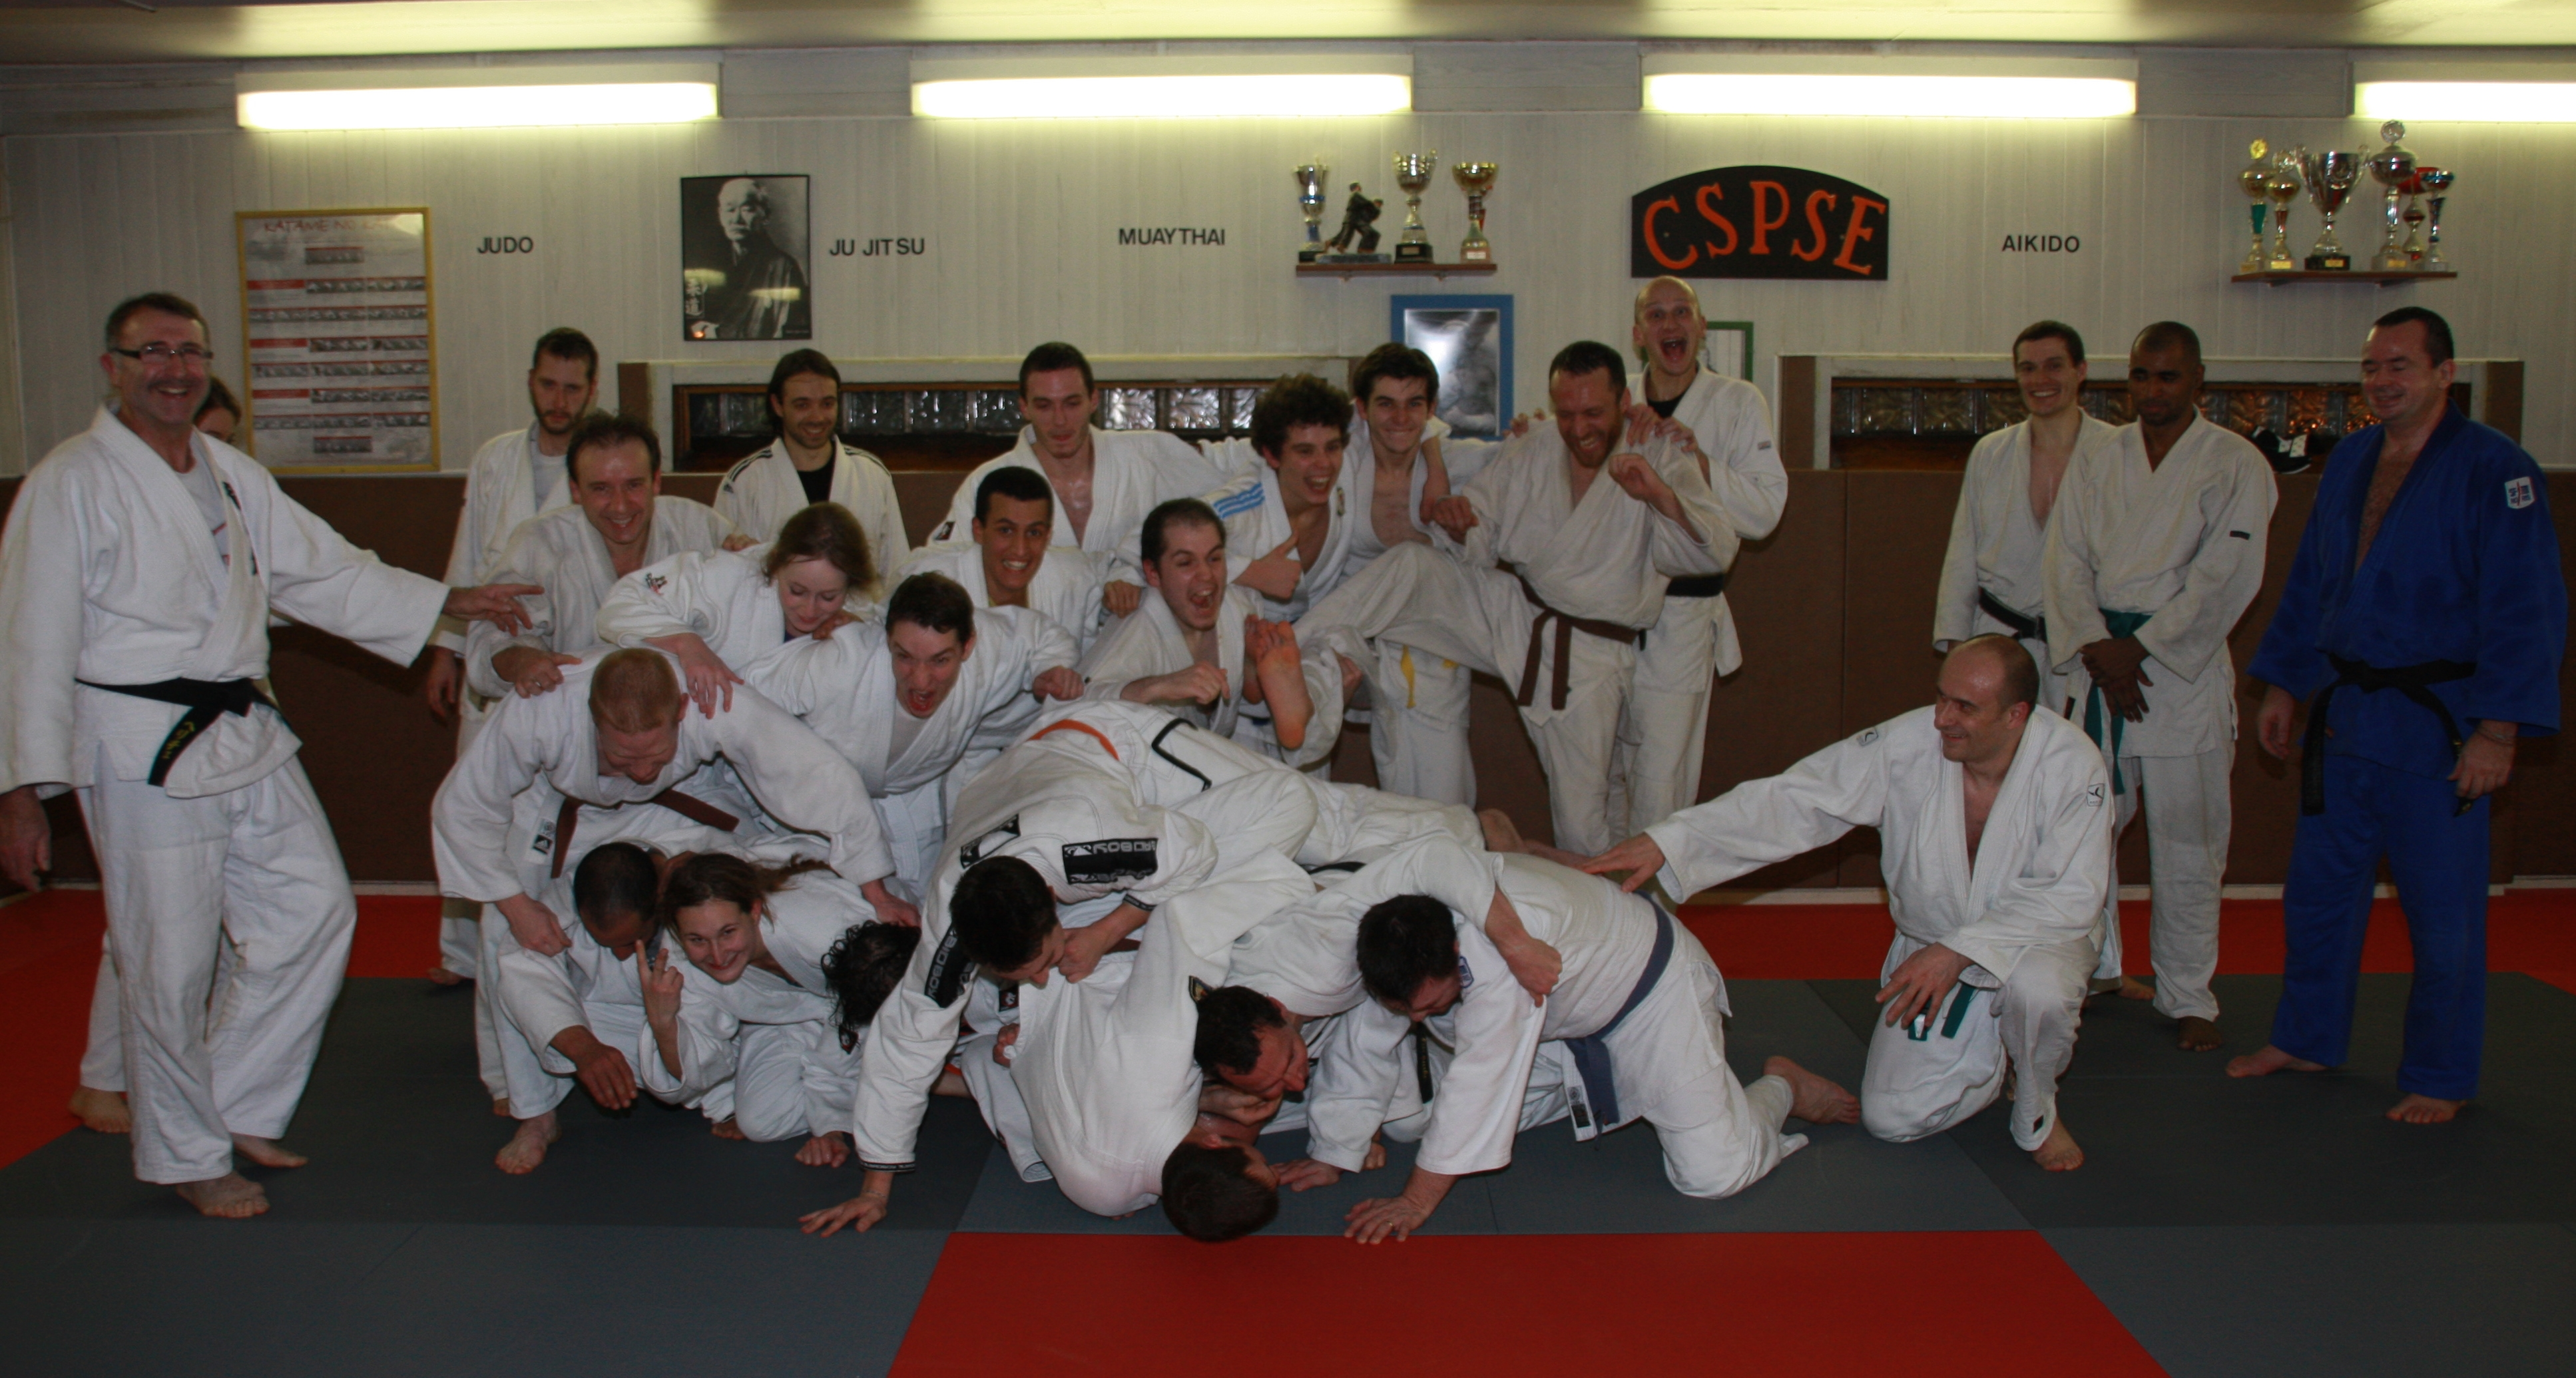 echange-jujitsu-11-12-2013-CSPSE-EFJJSD (9)